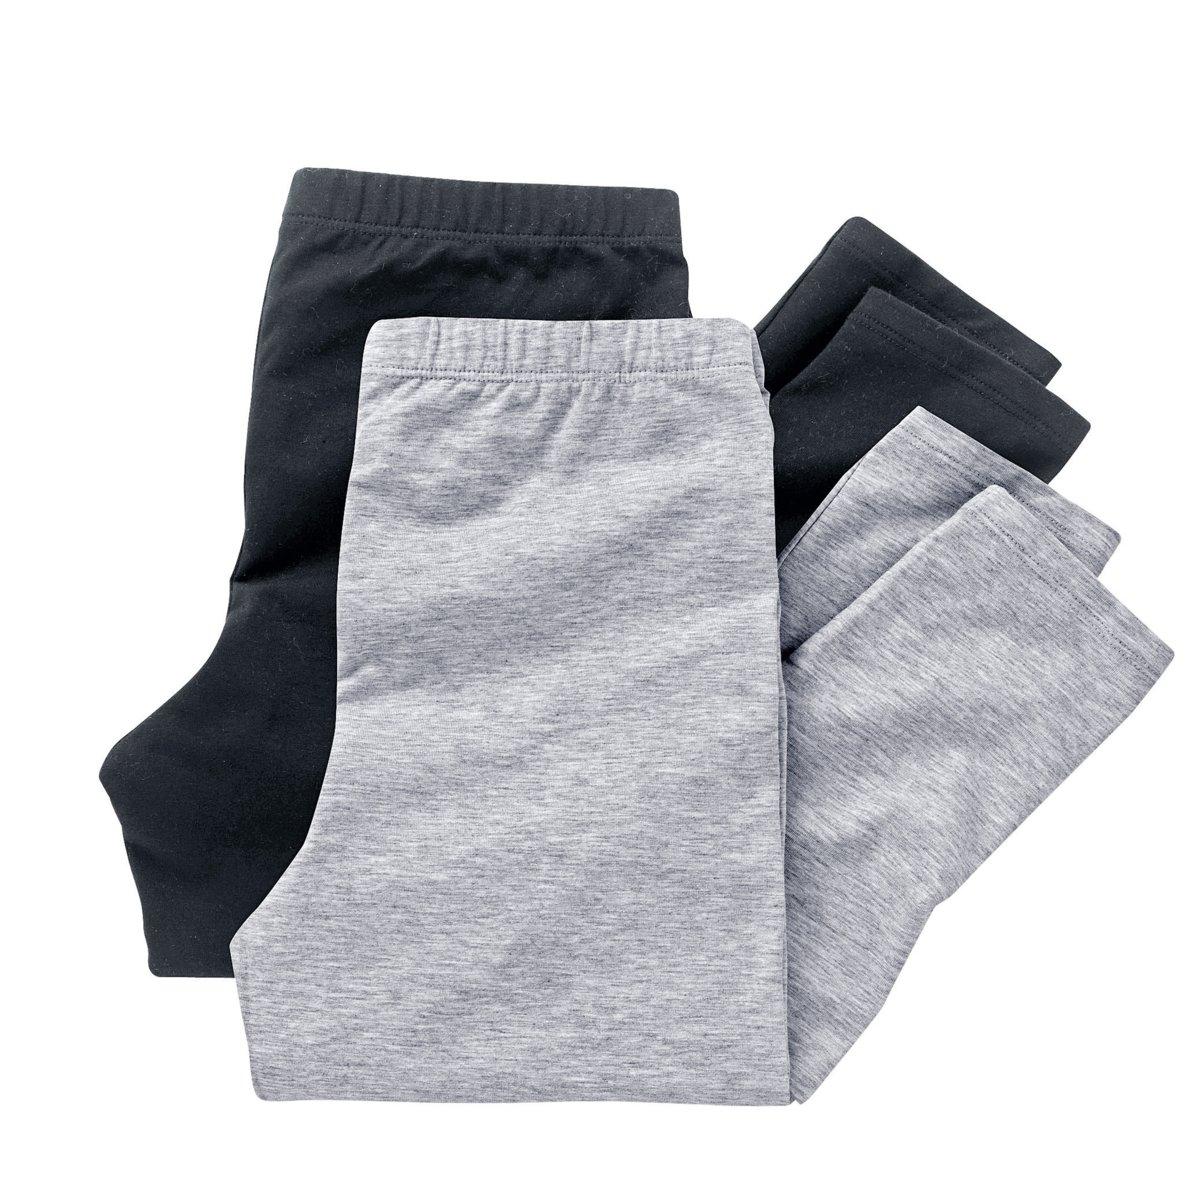 Леггинсы длинные (комплект из 2) 10-16 летДлинные леггинсы, 95% хлопка, 5% эластана. Комплект из 2 . Эластичный пояс.<br><br>Цвет: черный + серый меланж